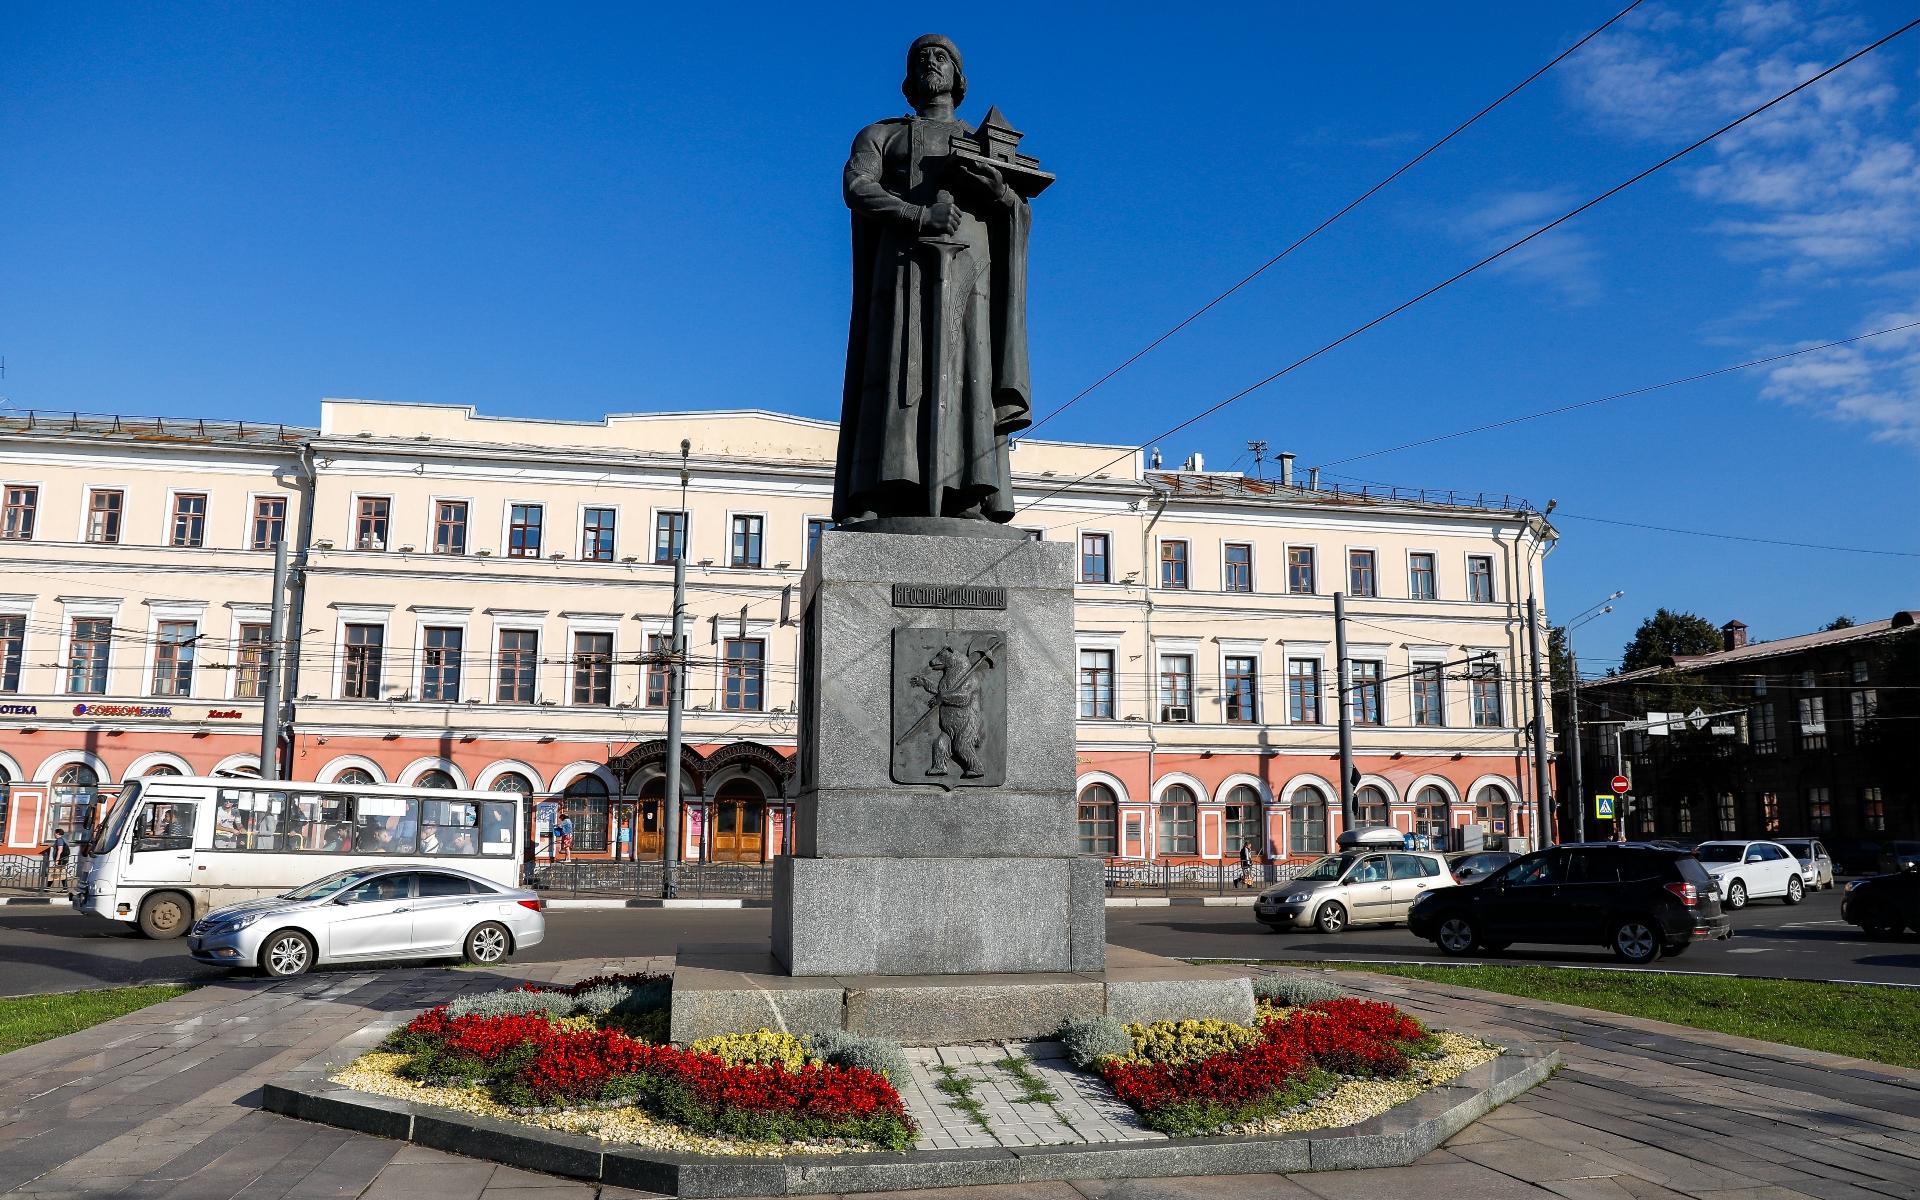 Средняя стоимость 1 кв. м в новостройках Ярославля за год выросла на 34%